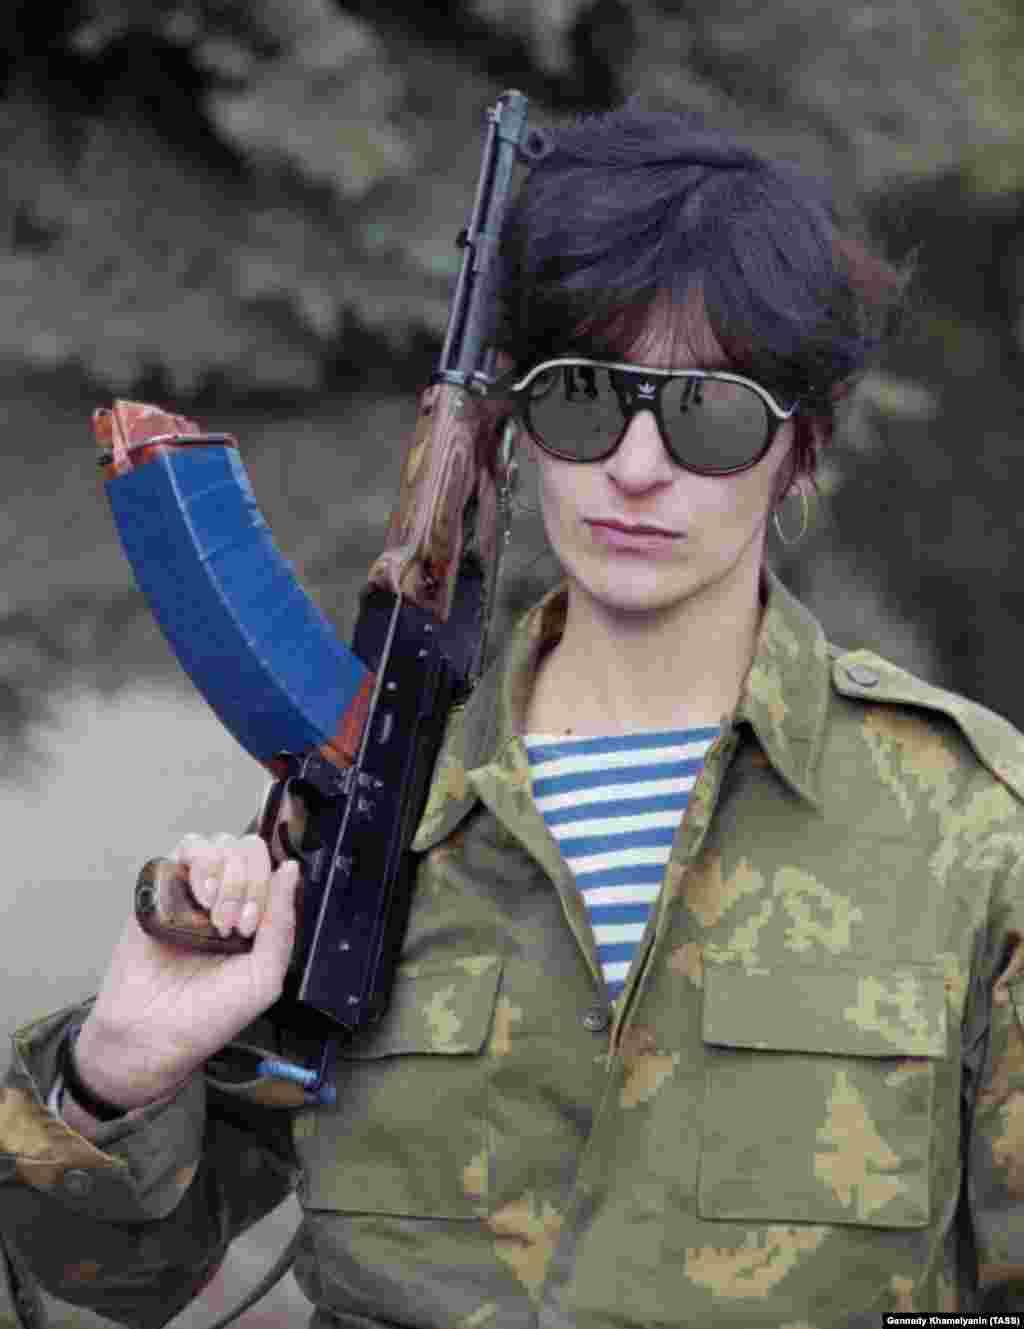 Осетинка-боец позирует во время фотографирования. Россиянка, замужем за грузином, рассказала правозащитной организации Human Rights Watch, что пыталась получить помощь после ограбления их дома, но ей сказали: «Вы [«заварили»] эту кашу, теперь ешьте!»